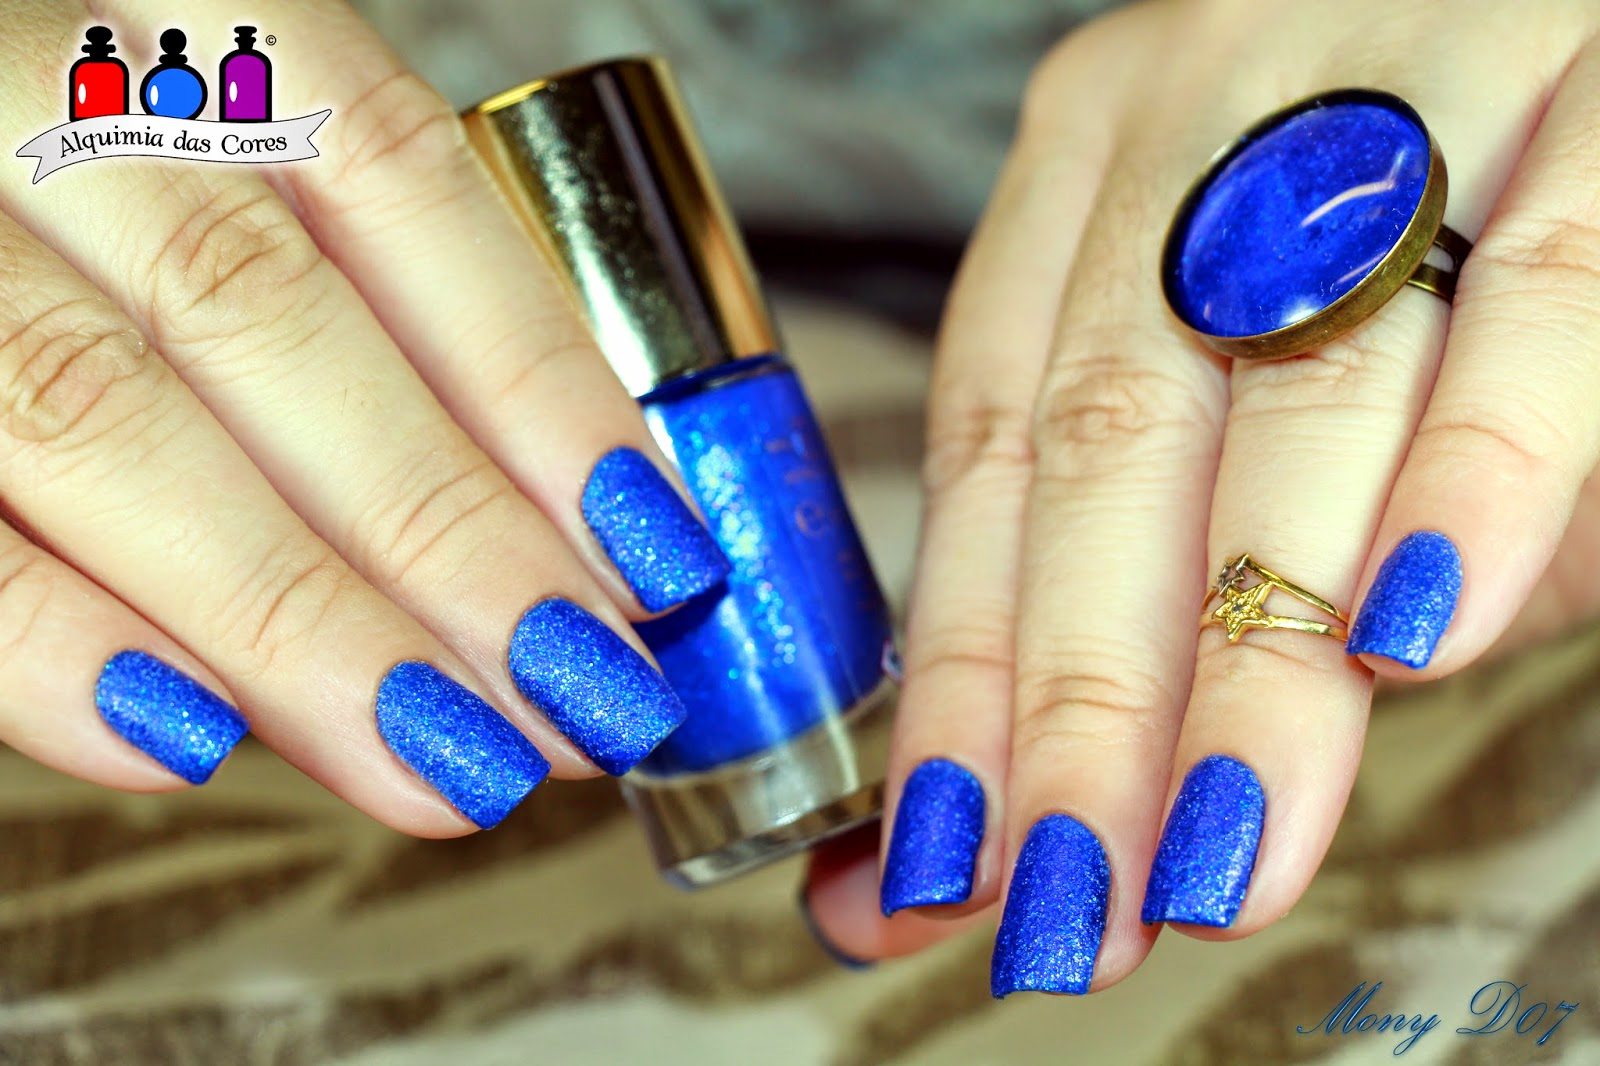 Keen Cobalt Blue, Kiko, Liquid Sand, Royal Grare, Azul, Comparação, Swatches, Mony D07, Simone D07,